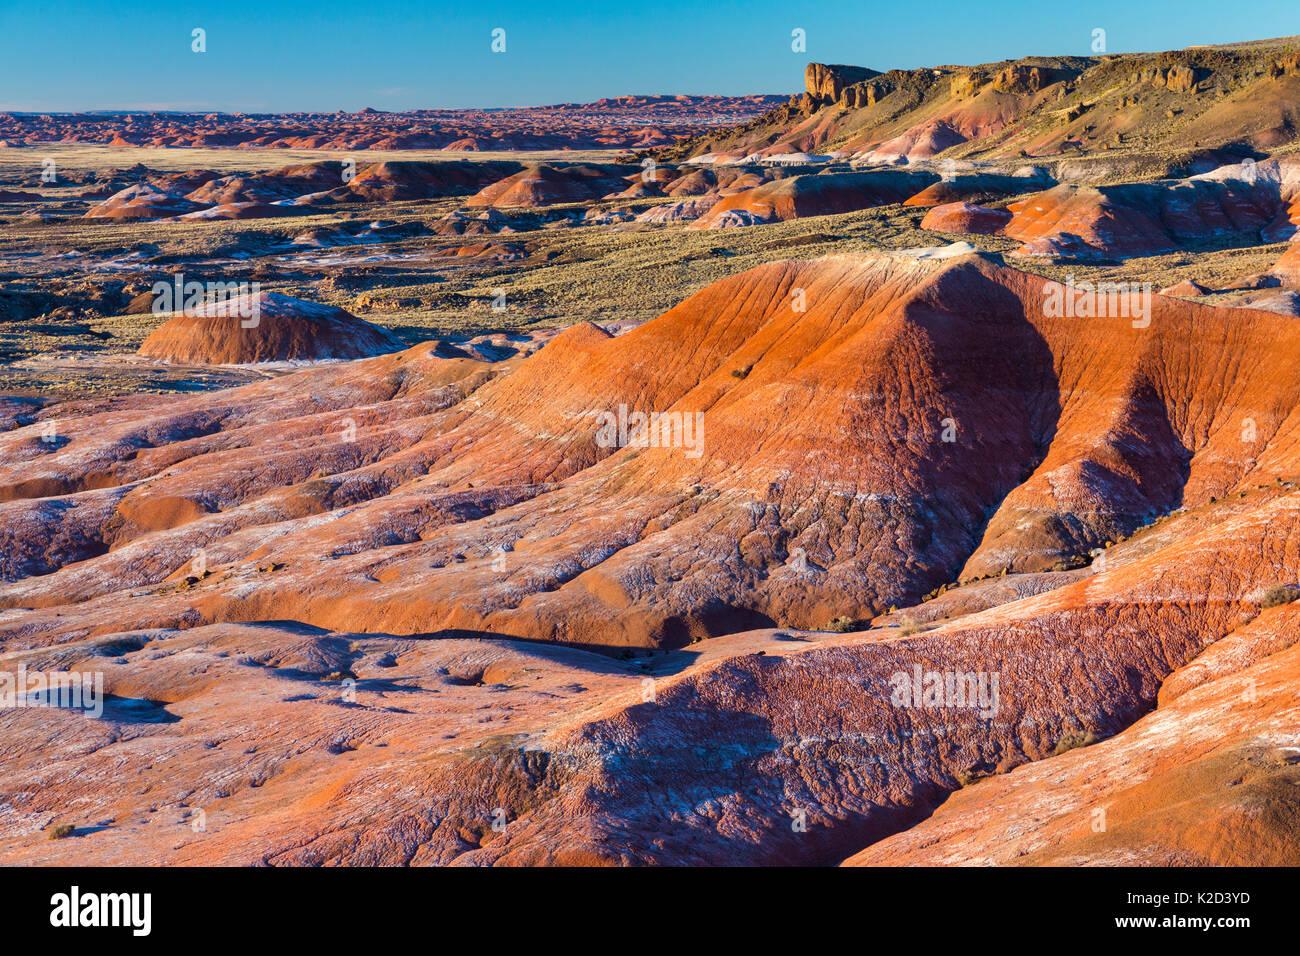 Colourful badlands, Petrified Forest National Park, Arizona, USA, February 2015. - Stock Image